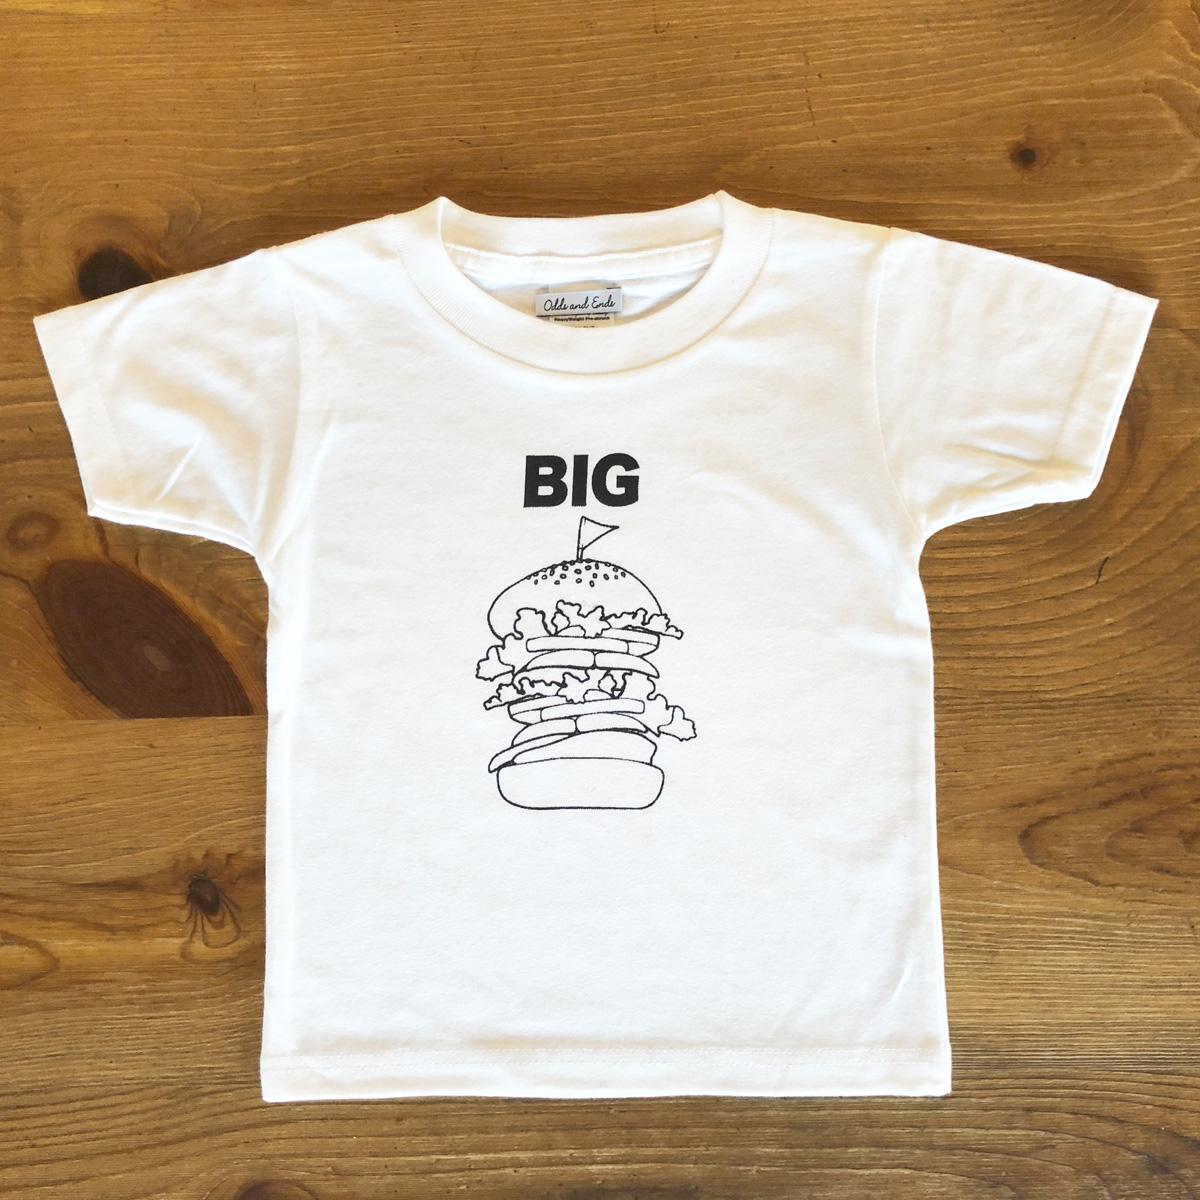 マート 子ども用プリントTシャツ 1枚単位で追加ご購入用の商品ページです ハンバーガー アイスクリーム コーヒーカップ パンケーキ 人気ブレゼント 追加ご購入用 じゃんけん Tシャツ プリント 単品